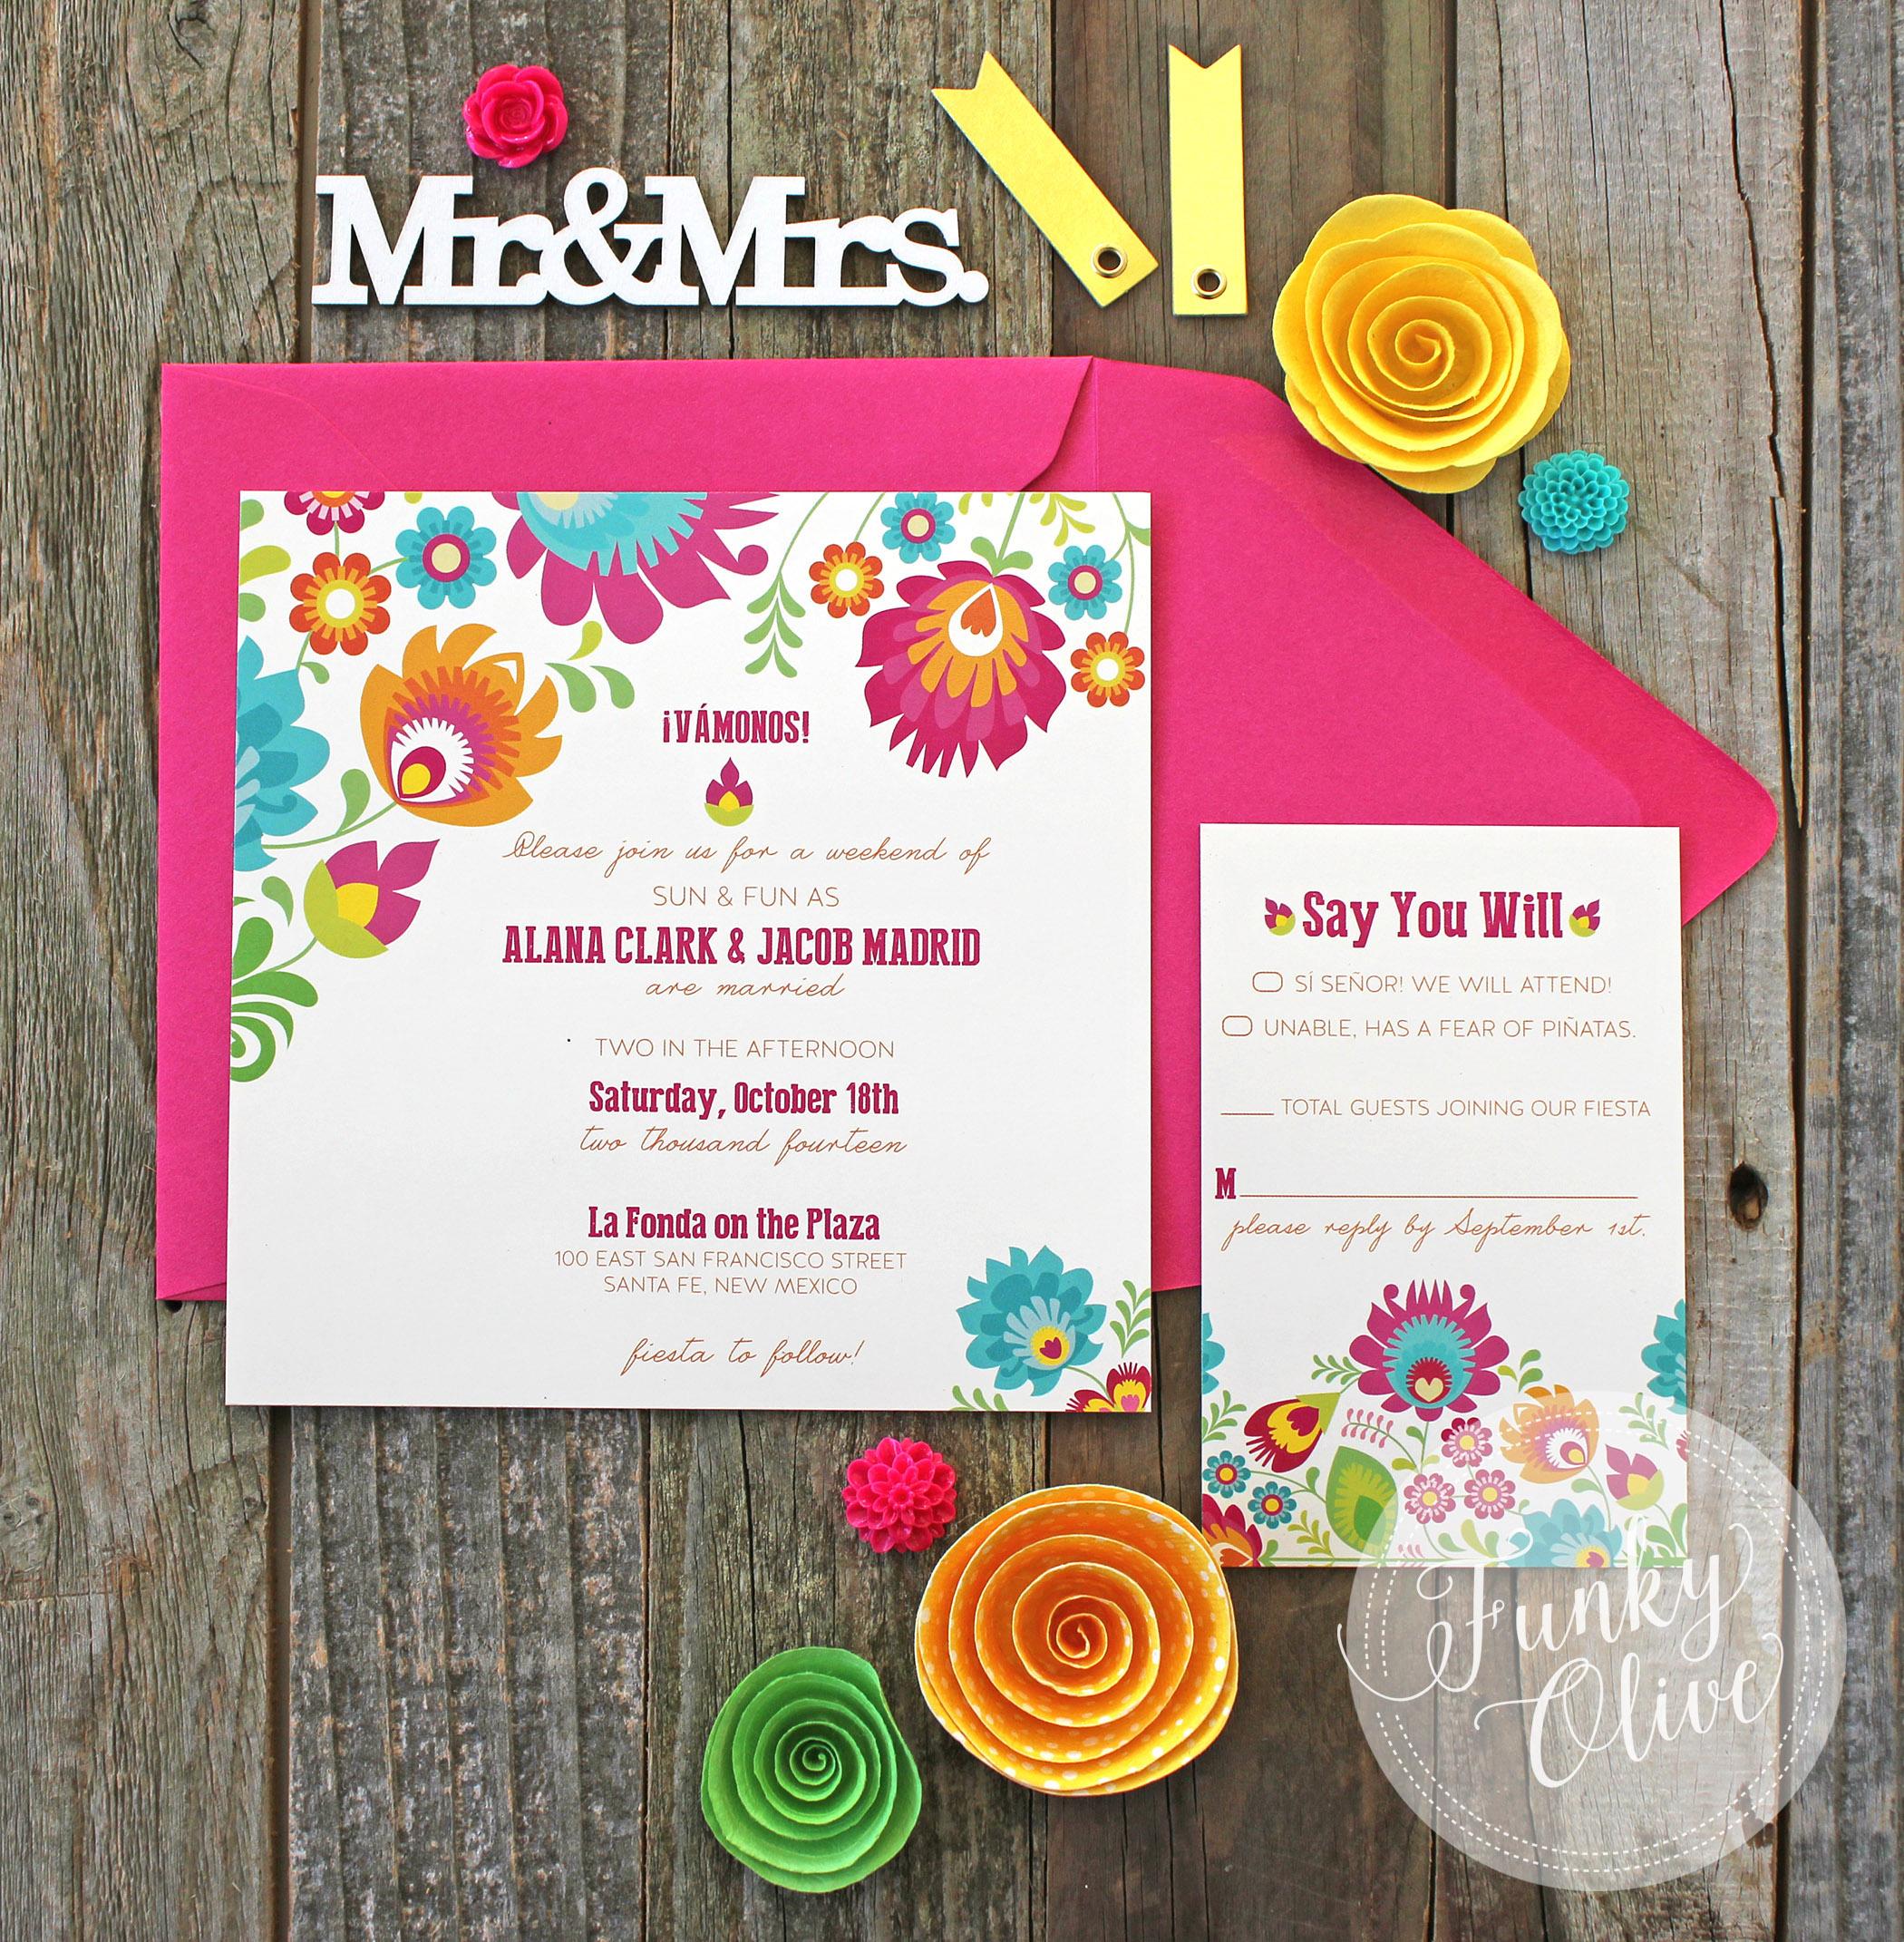 MEXICAN FLOWERS PACKAGE.jpg